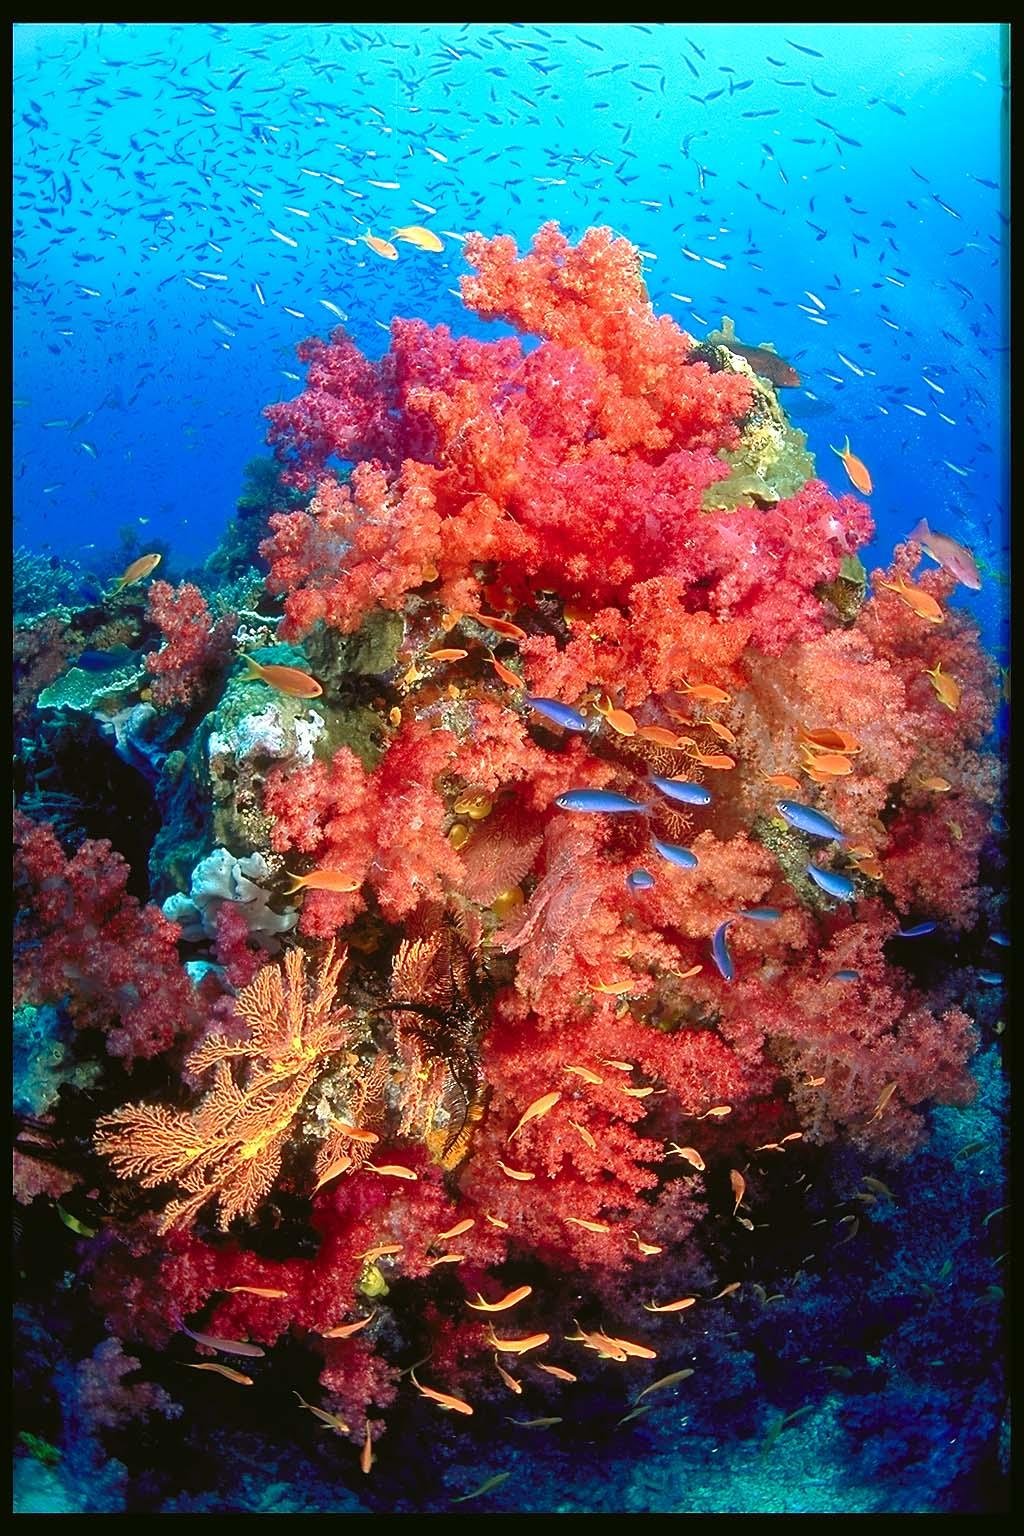 Skip's Underwater Image Gallery > Great Barrier Reef